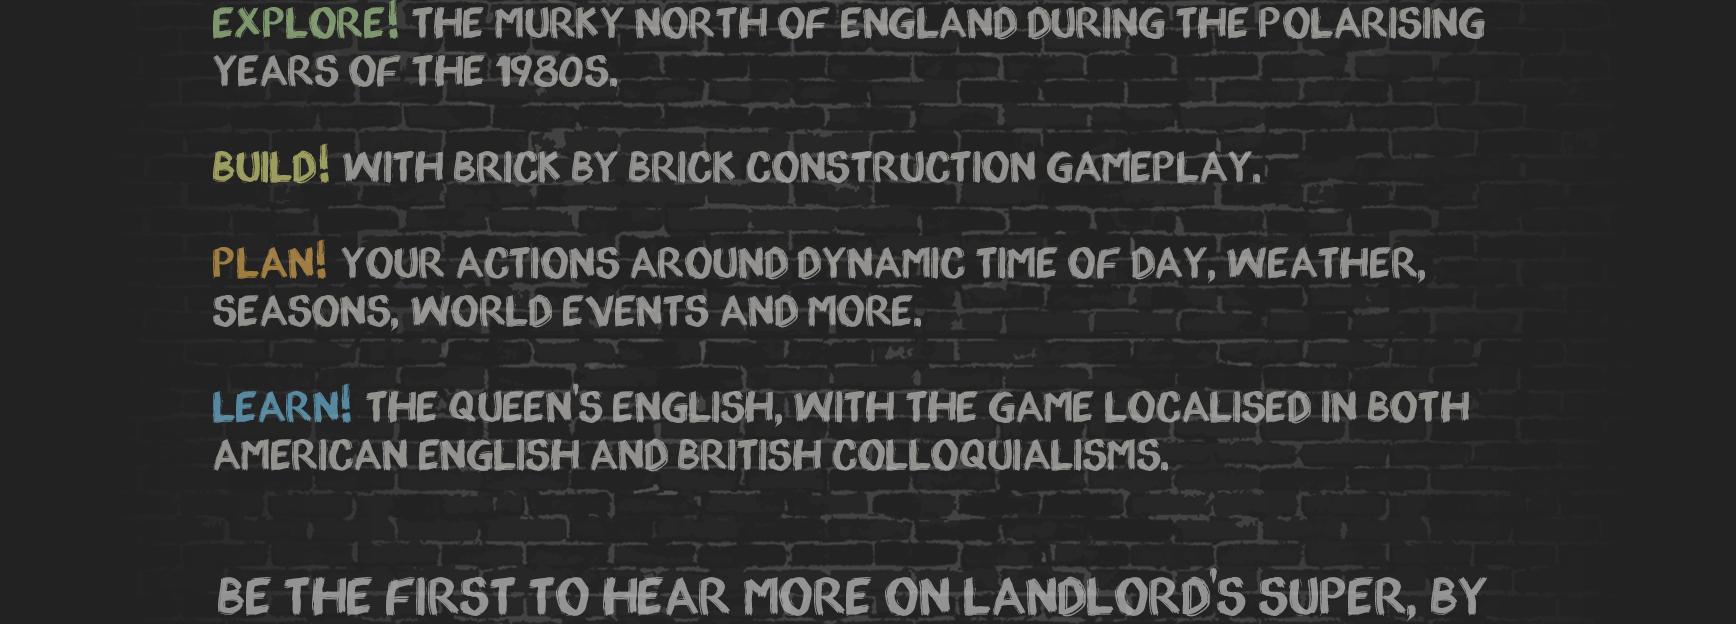 LandlordsSuper_UK_04